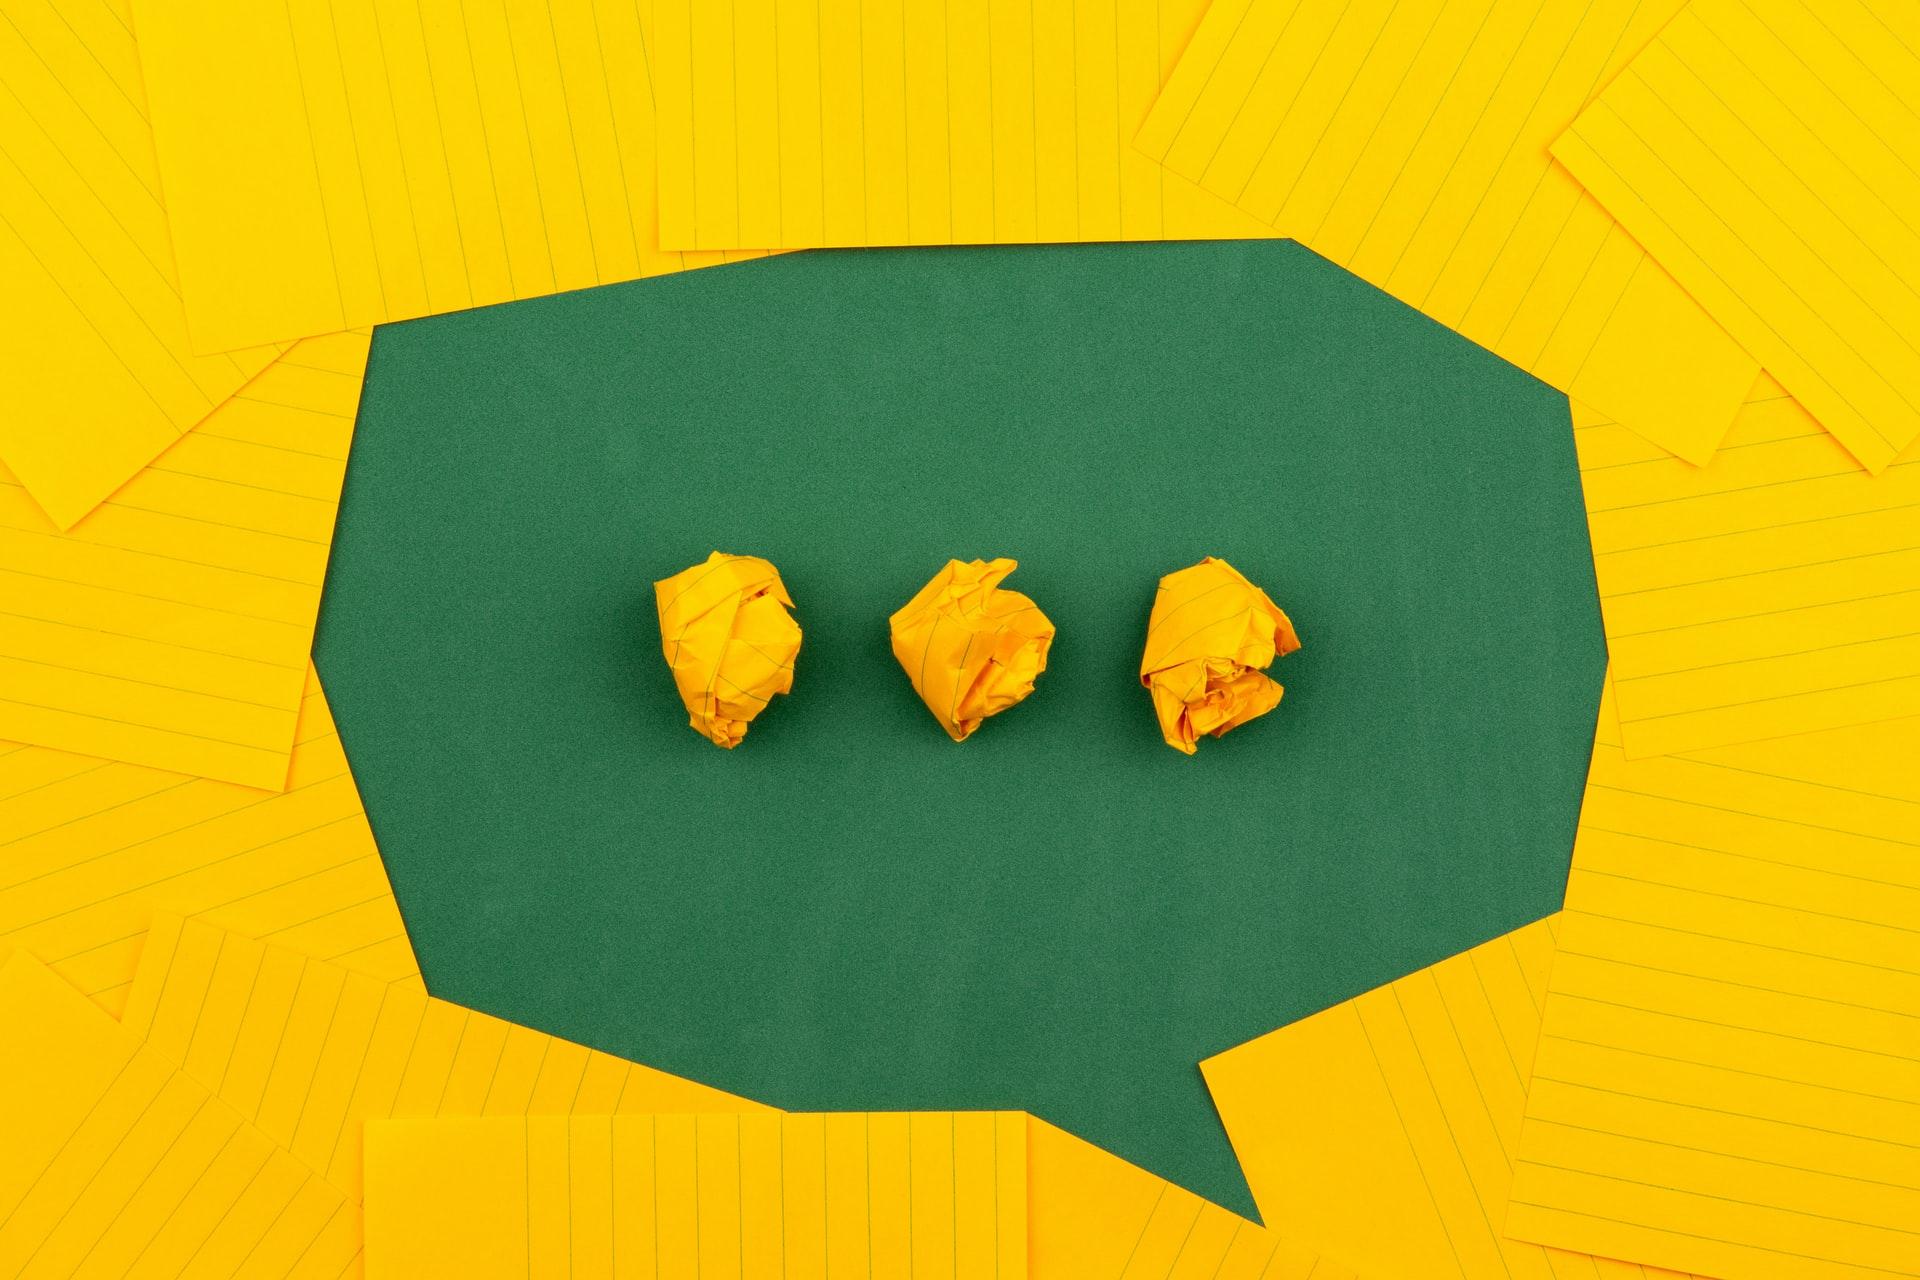 Aus gelben Notizzetteln auf grünem Grund geformte Sprechblase mit drei Punkten symbolisch für ein Umdenken Richtung nachhaltige Unternehmenskultur